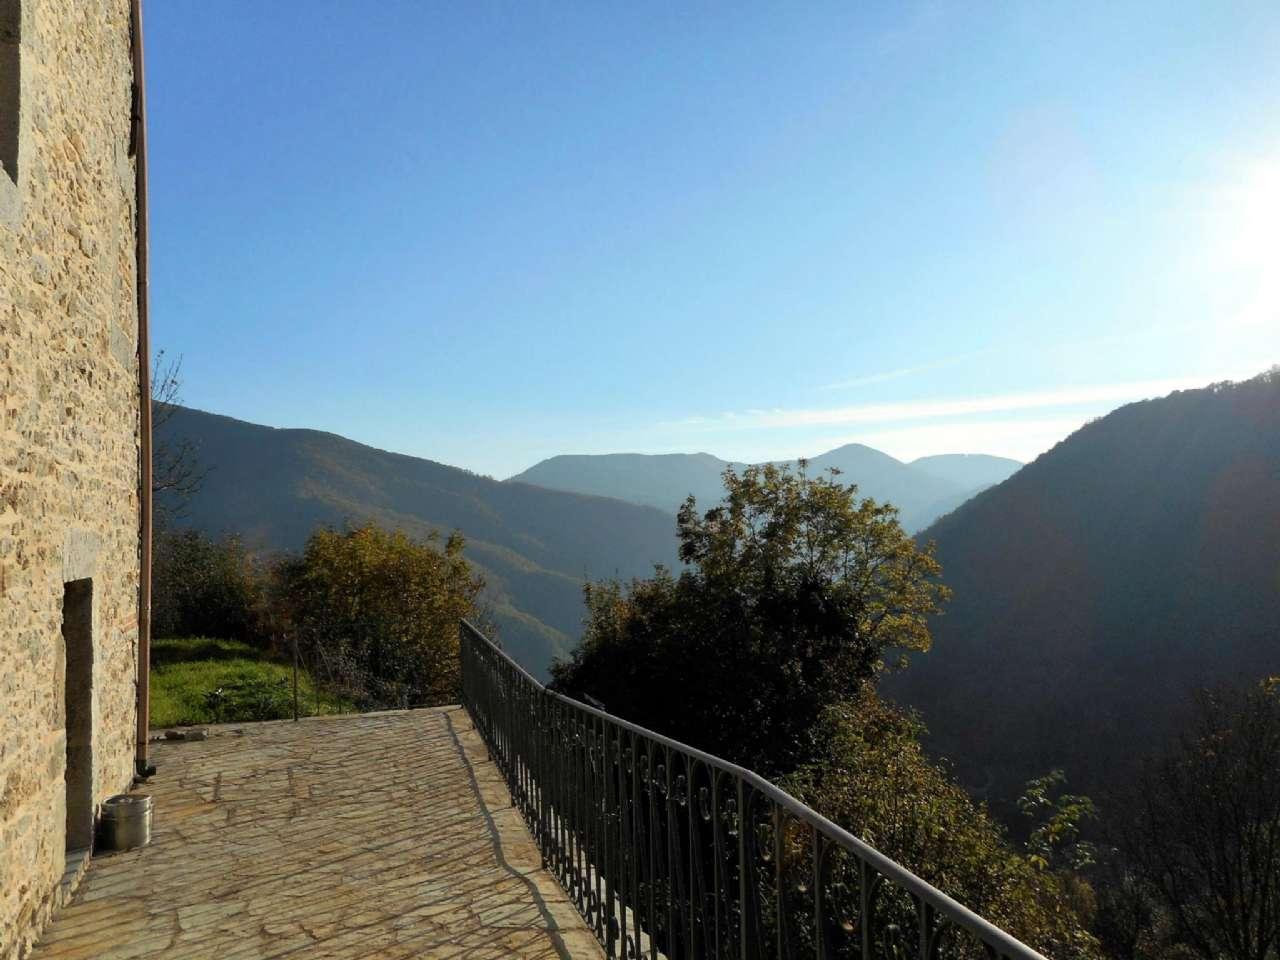 Rustico / Casale in vendita a Borgo a Mozzano, 7 locali, prezzo € 165.000 | CambioCasa.it